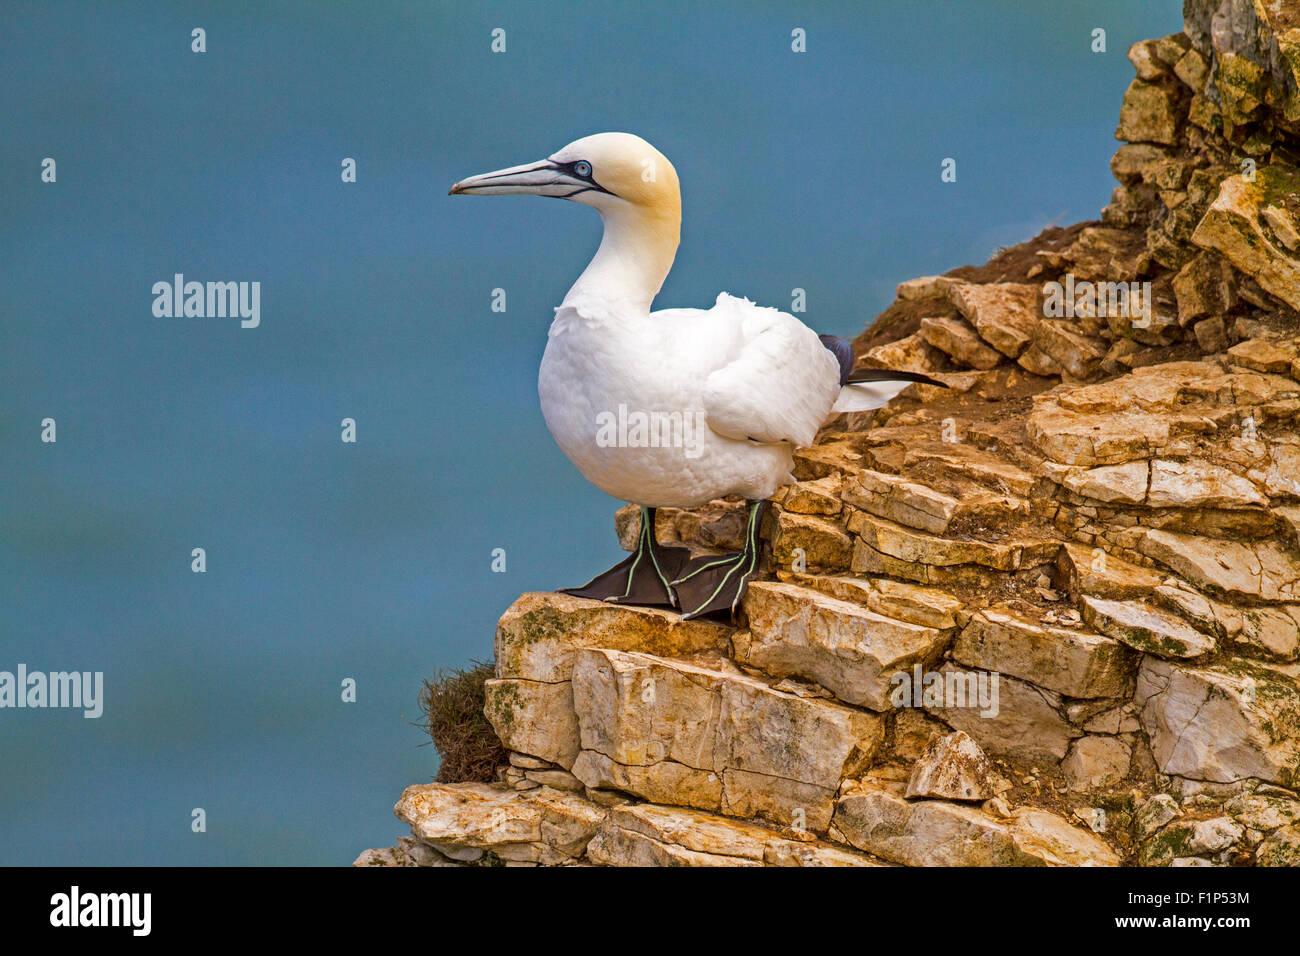 Gannet on  cliff - Stock Image